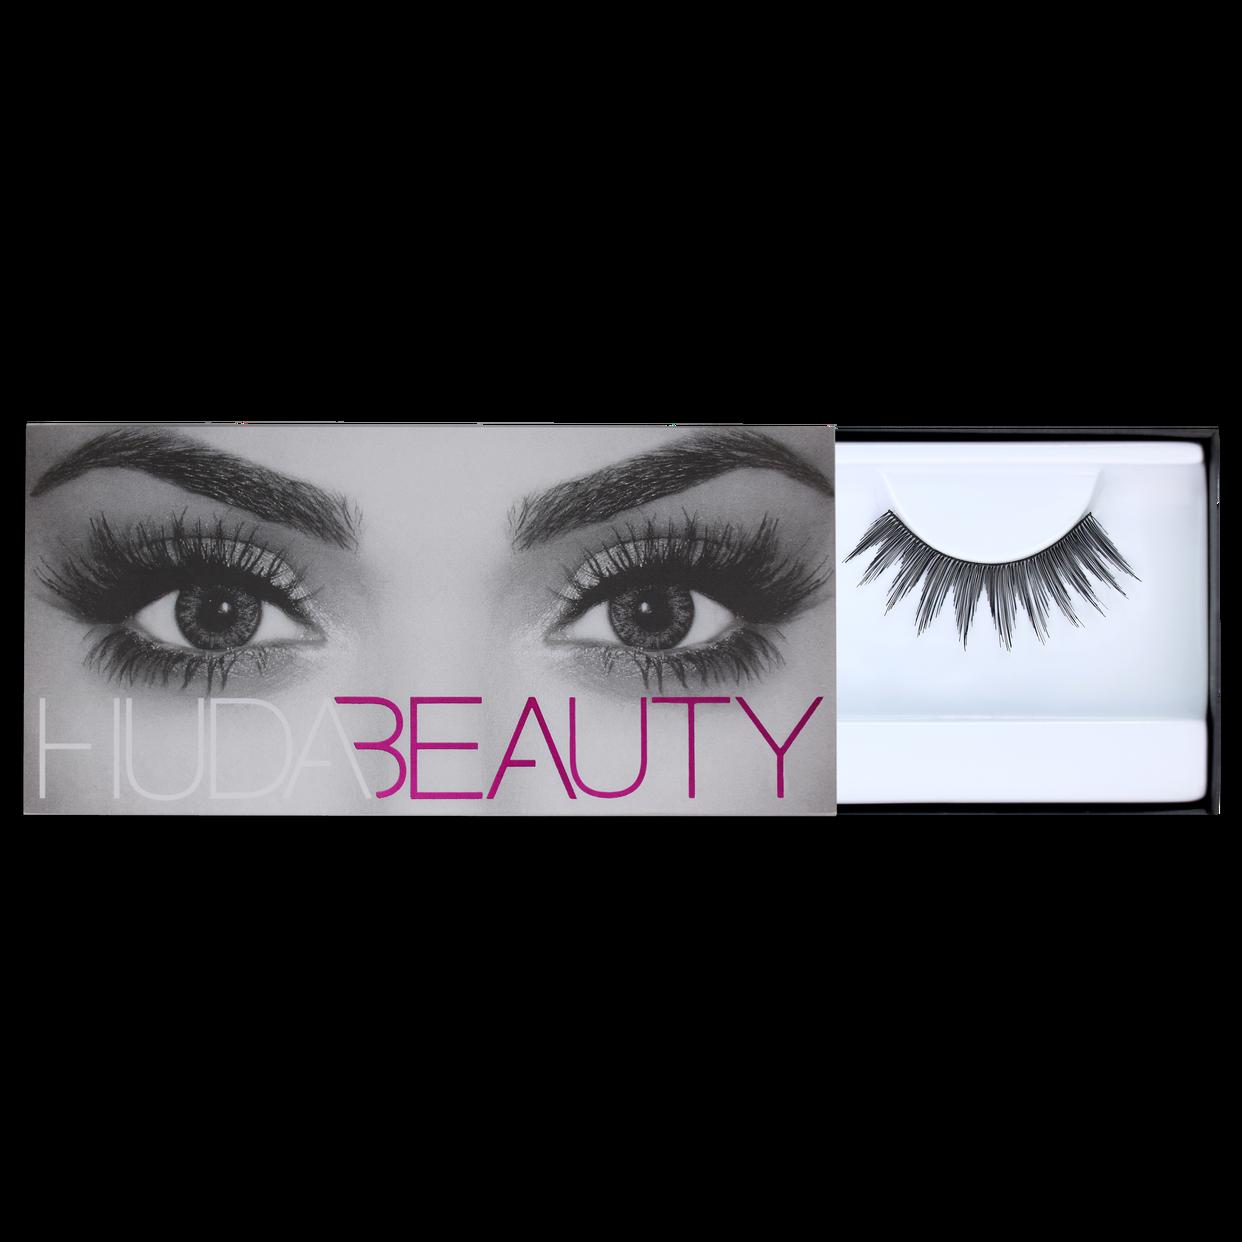 Huda Beauty Classic Lash - Candy #5